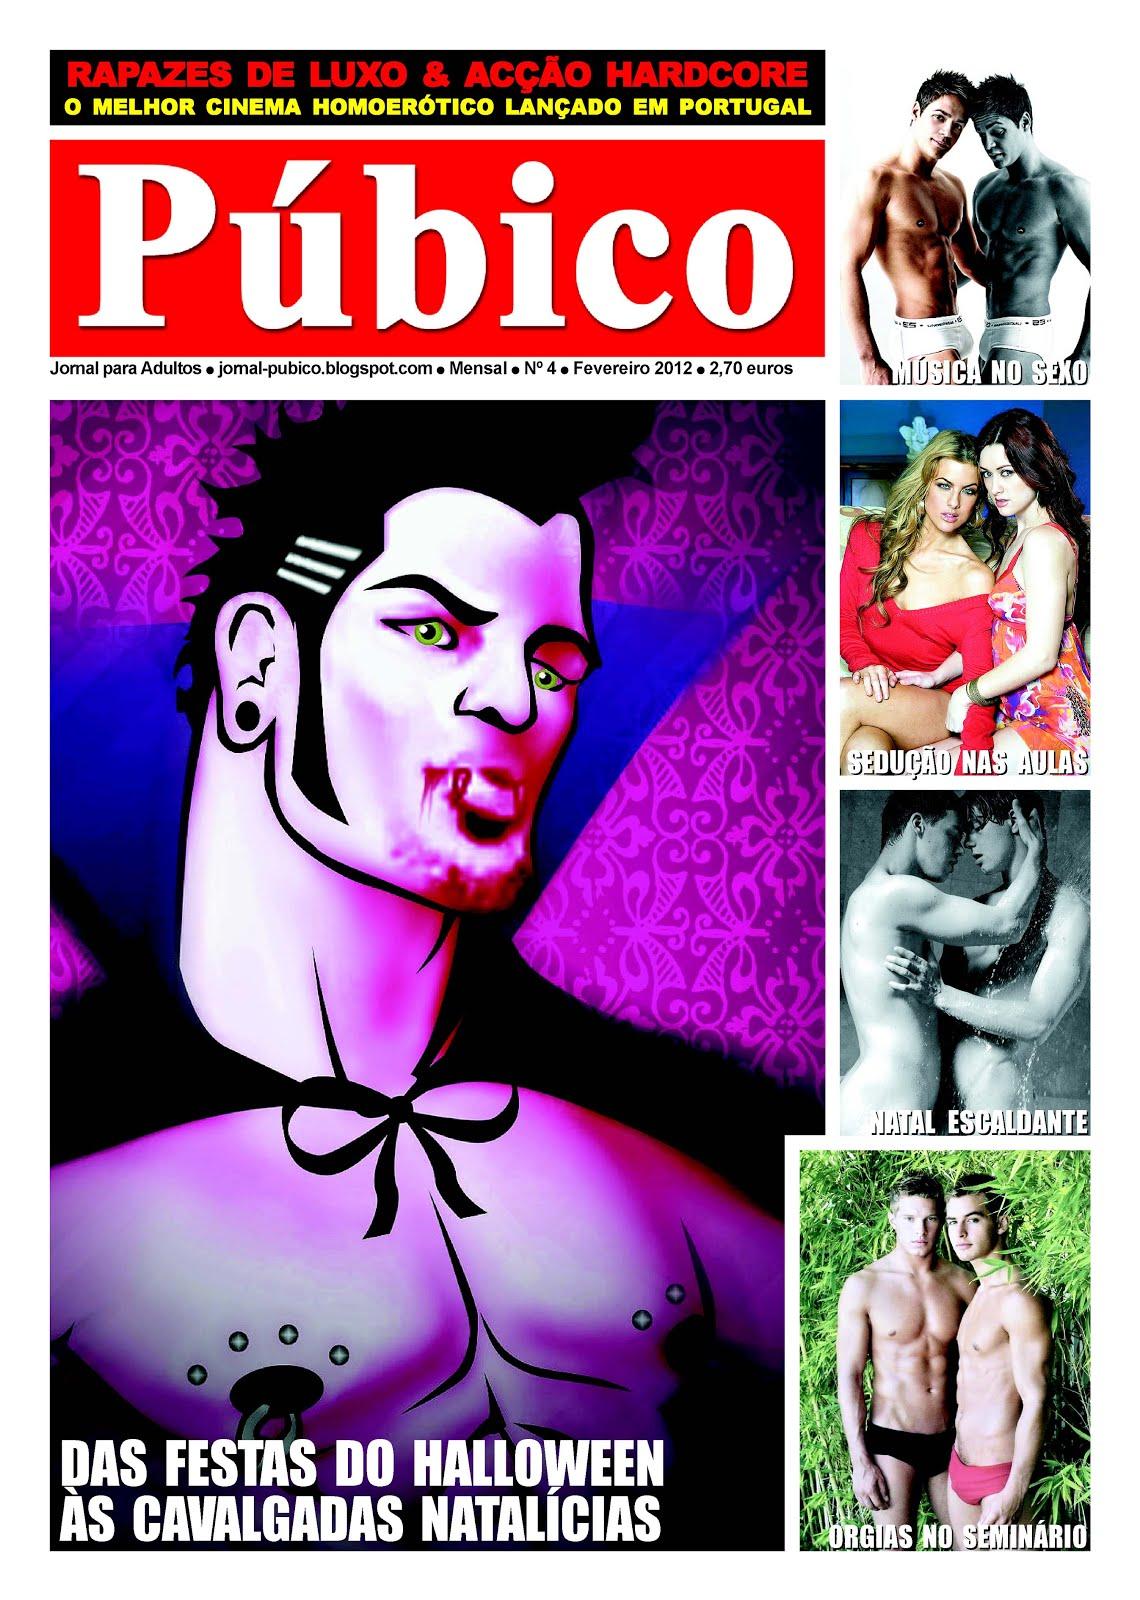 Editei e Dirigi o jornal «PÚBICO» em parceria com a Colorpress, do qual fui o principal Redactor